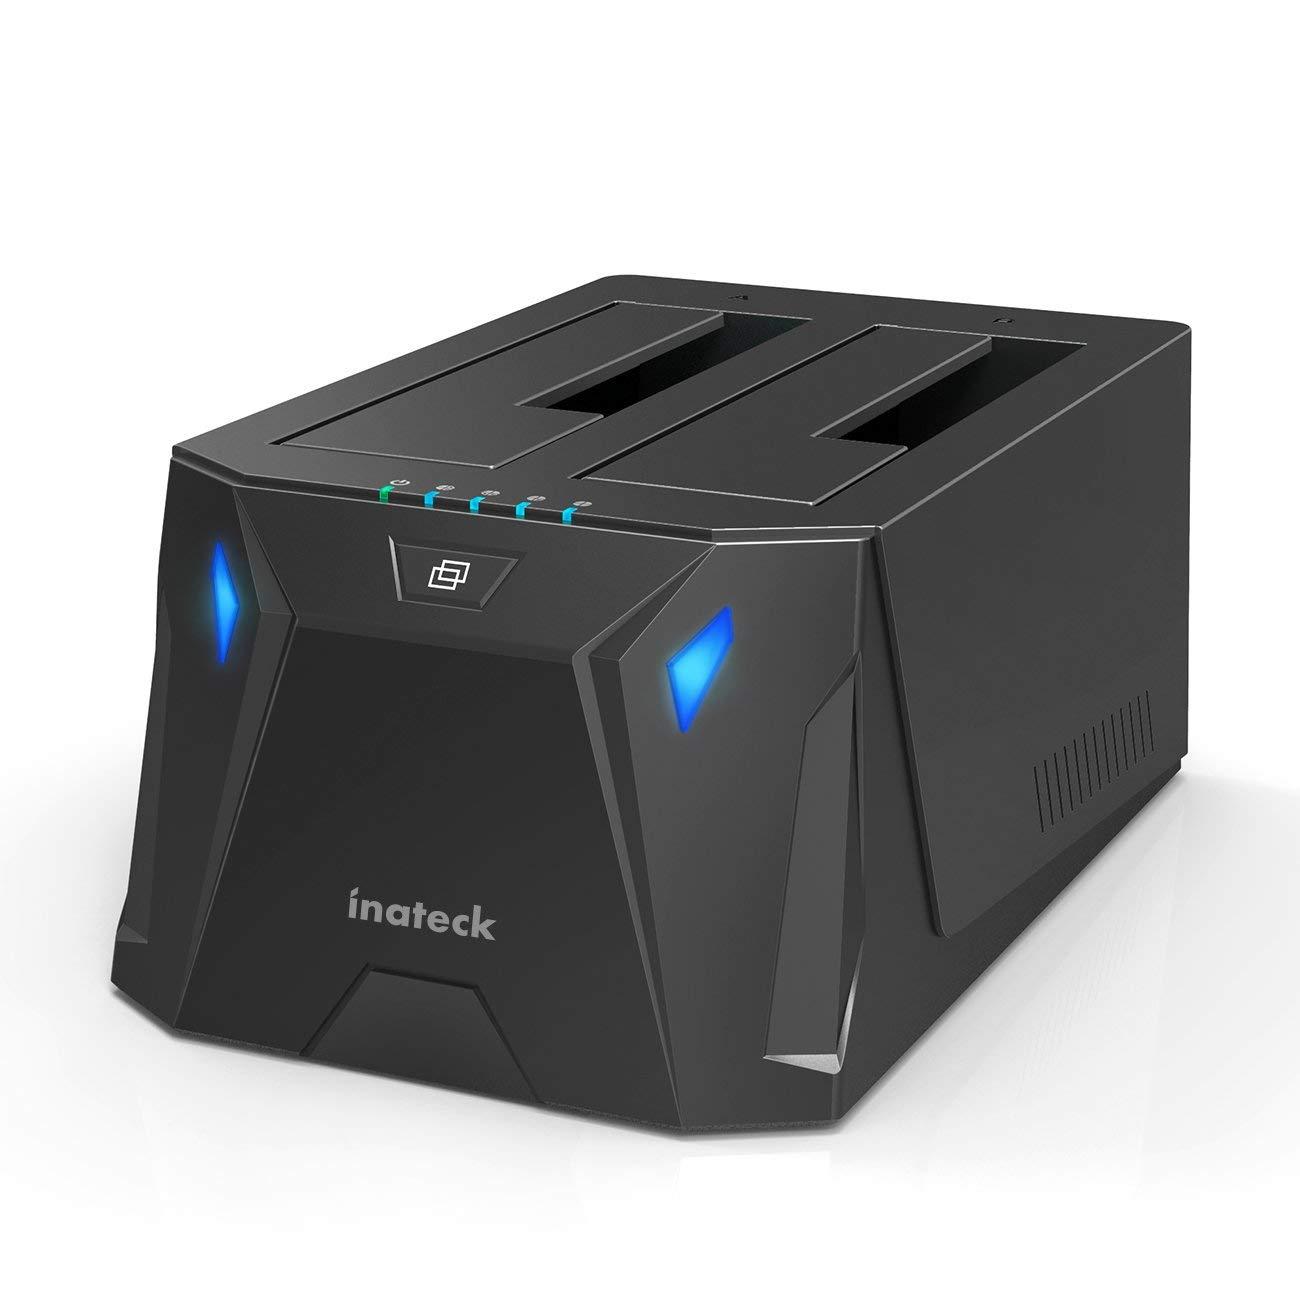 Inateck (FD2005) Base de Conexió n para Disco Duro Docking Station con Doble Bahí as USB 3.0 para SATA I/II/III HDD y SSD DE 2.5-3.5'con la Funció n de Clone Offline es Compatible con UASP, 10 TB, Negro